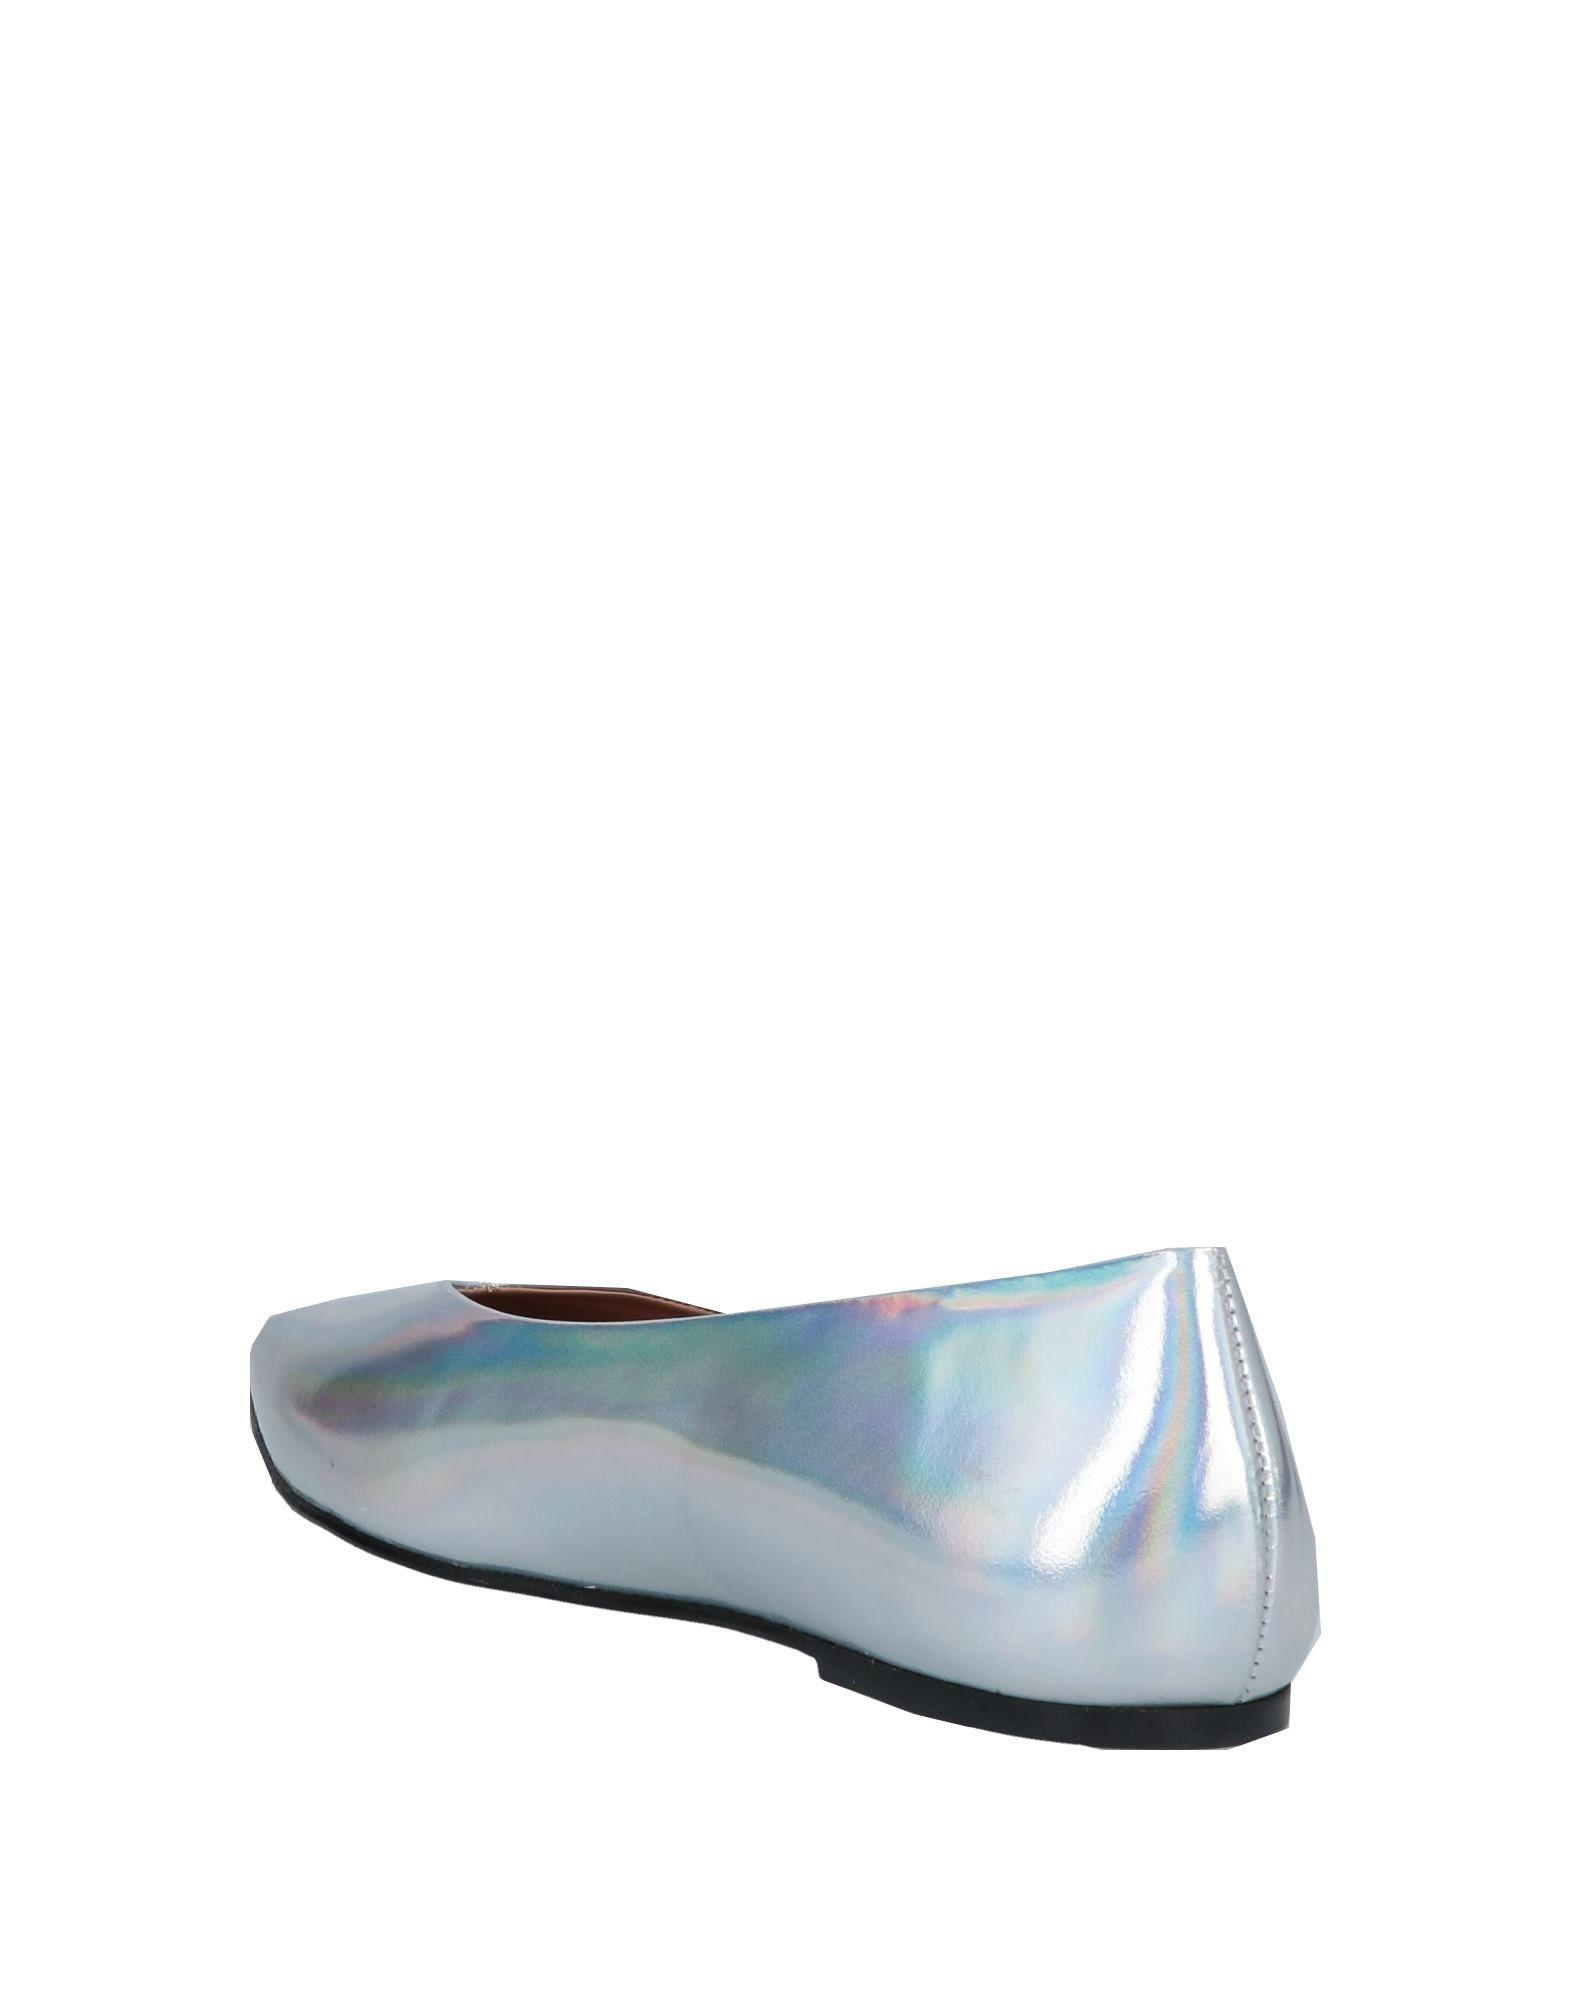 Bailarinas Flattered de Cuero de color Metálico